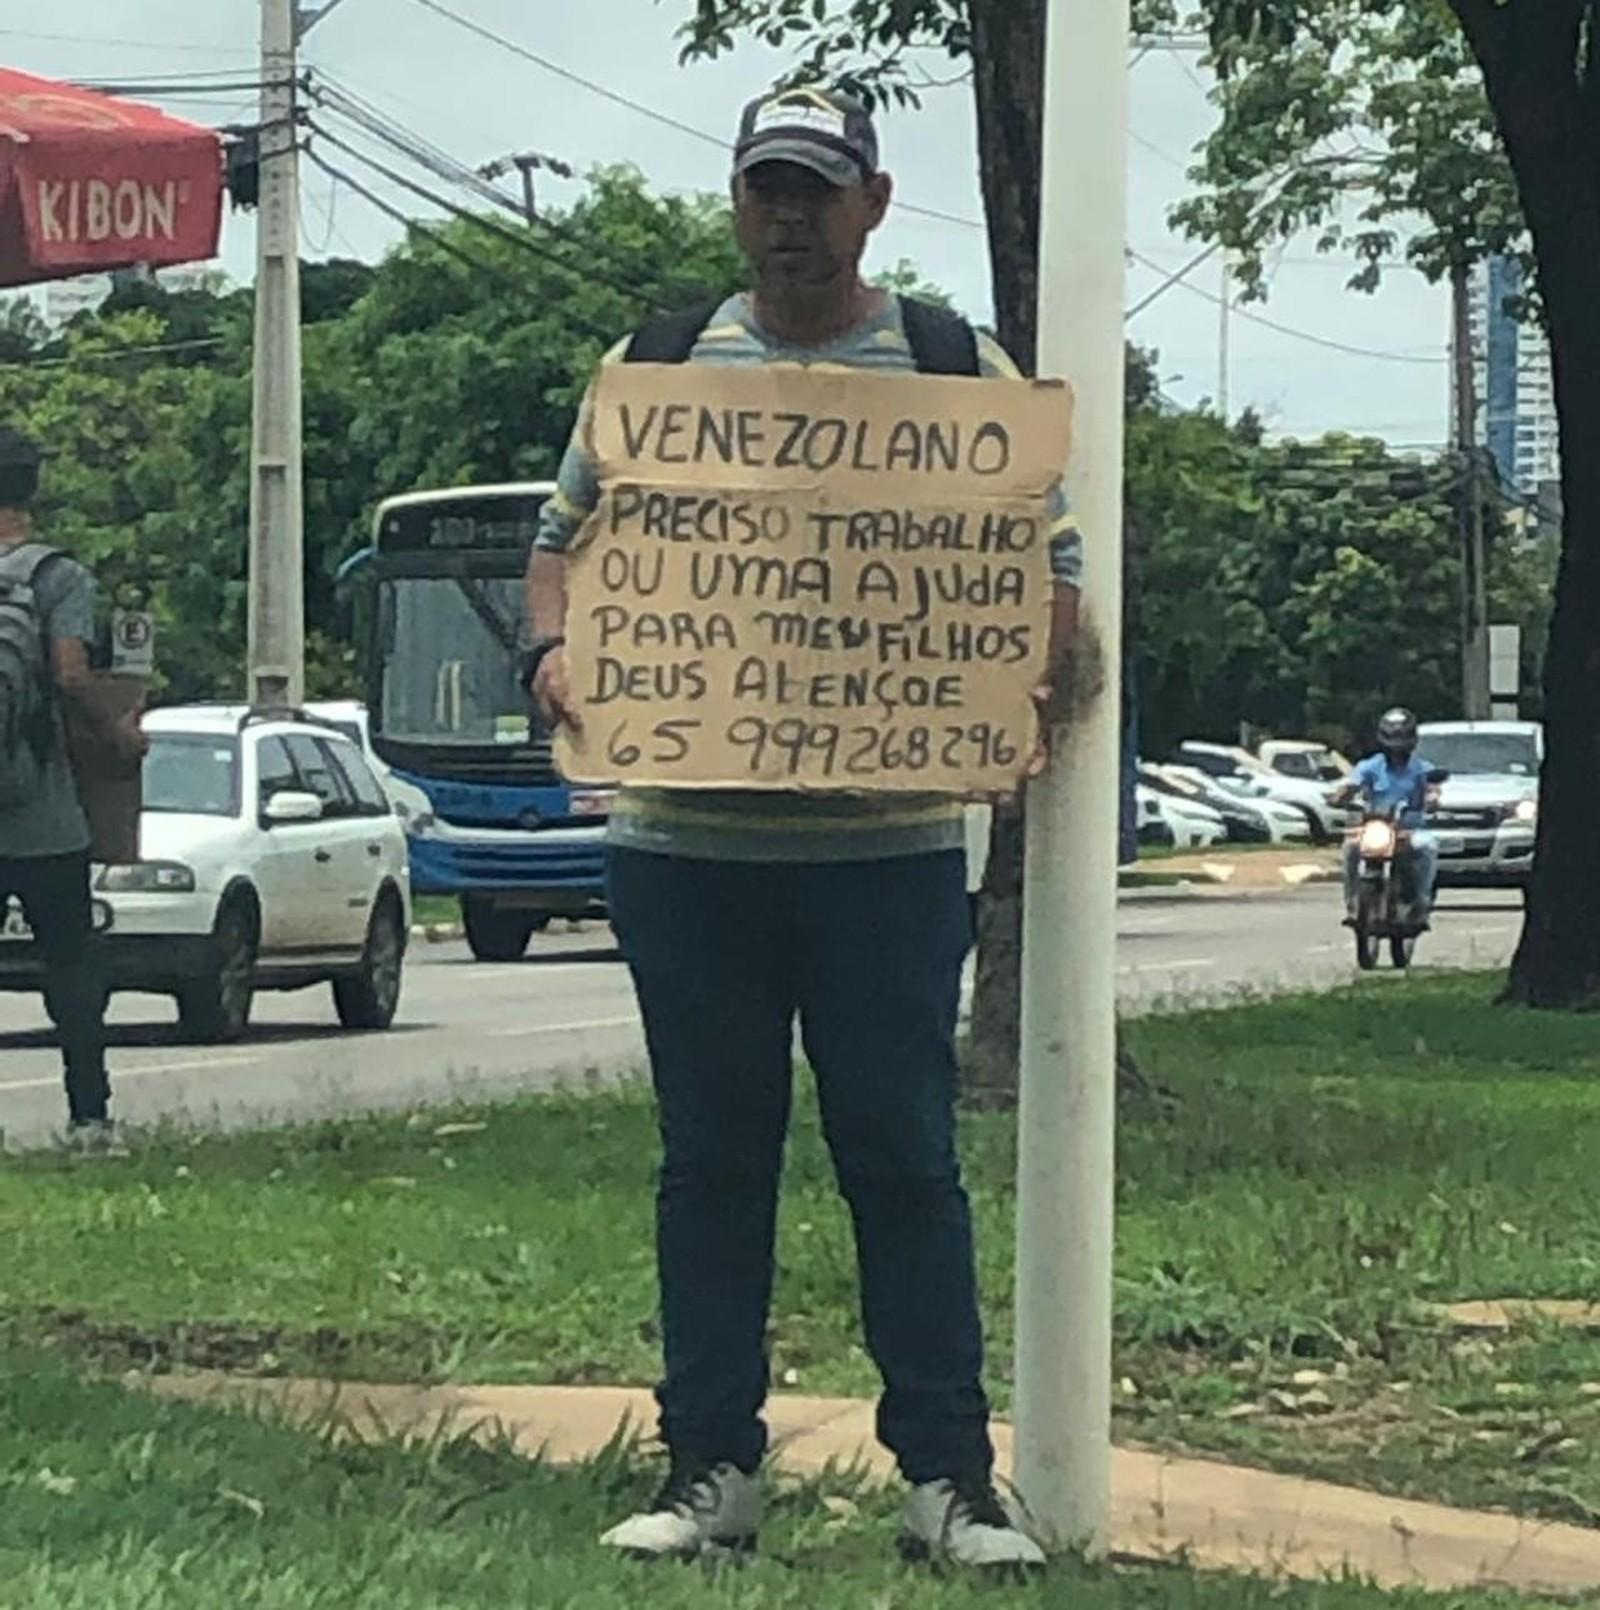 Venezuelanos usam cartazes de papelão em semáforos de Palmas para pedir emprego ou ajuda